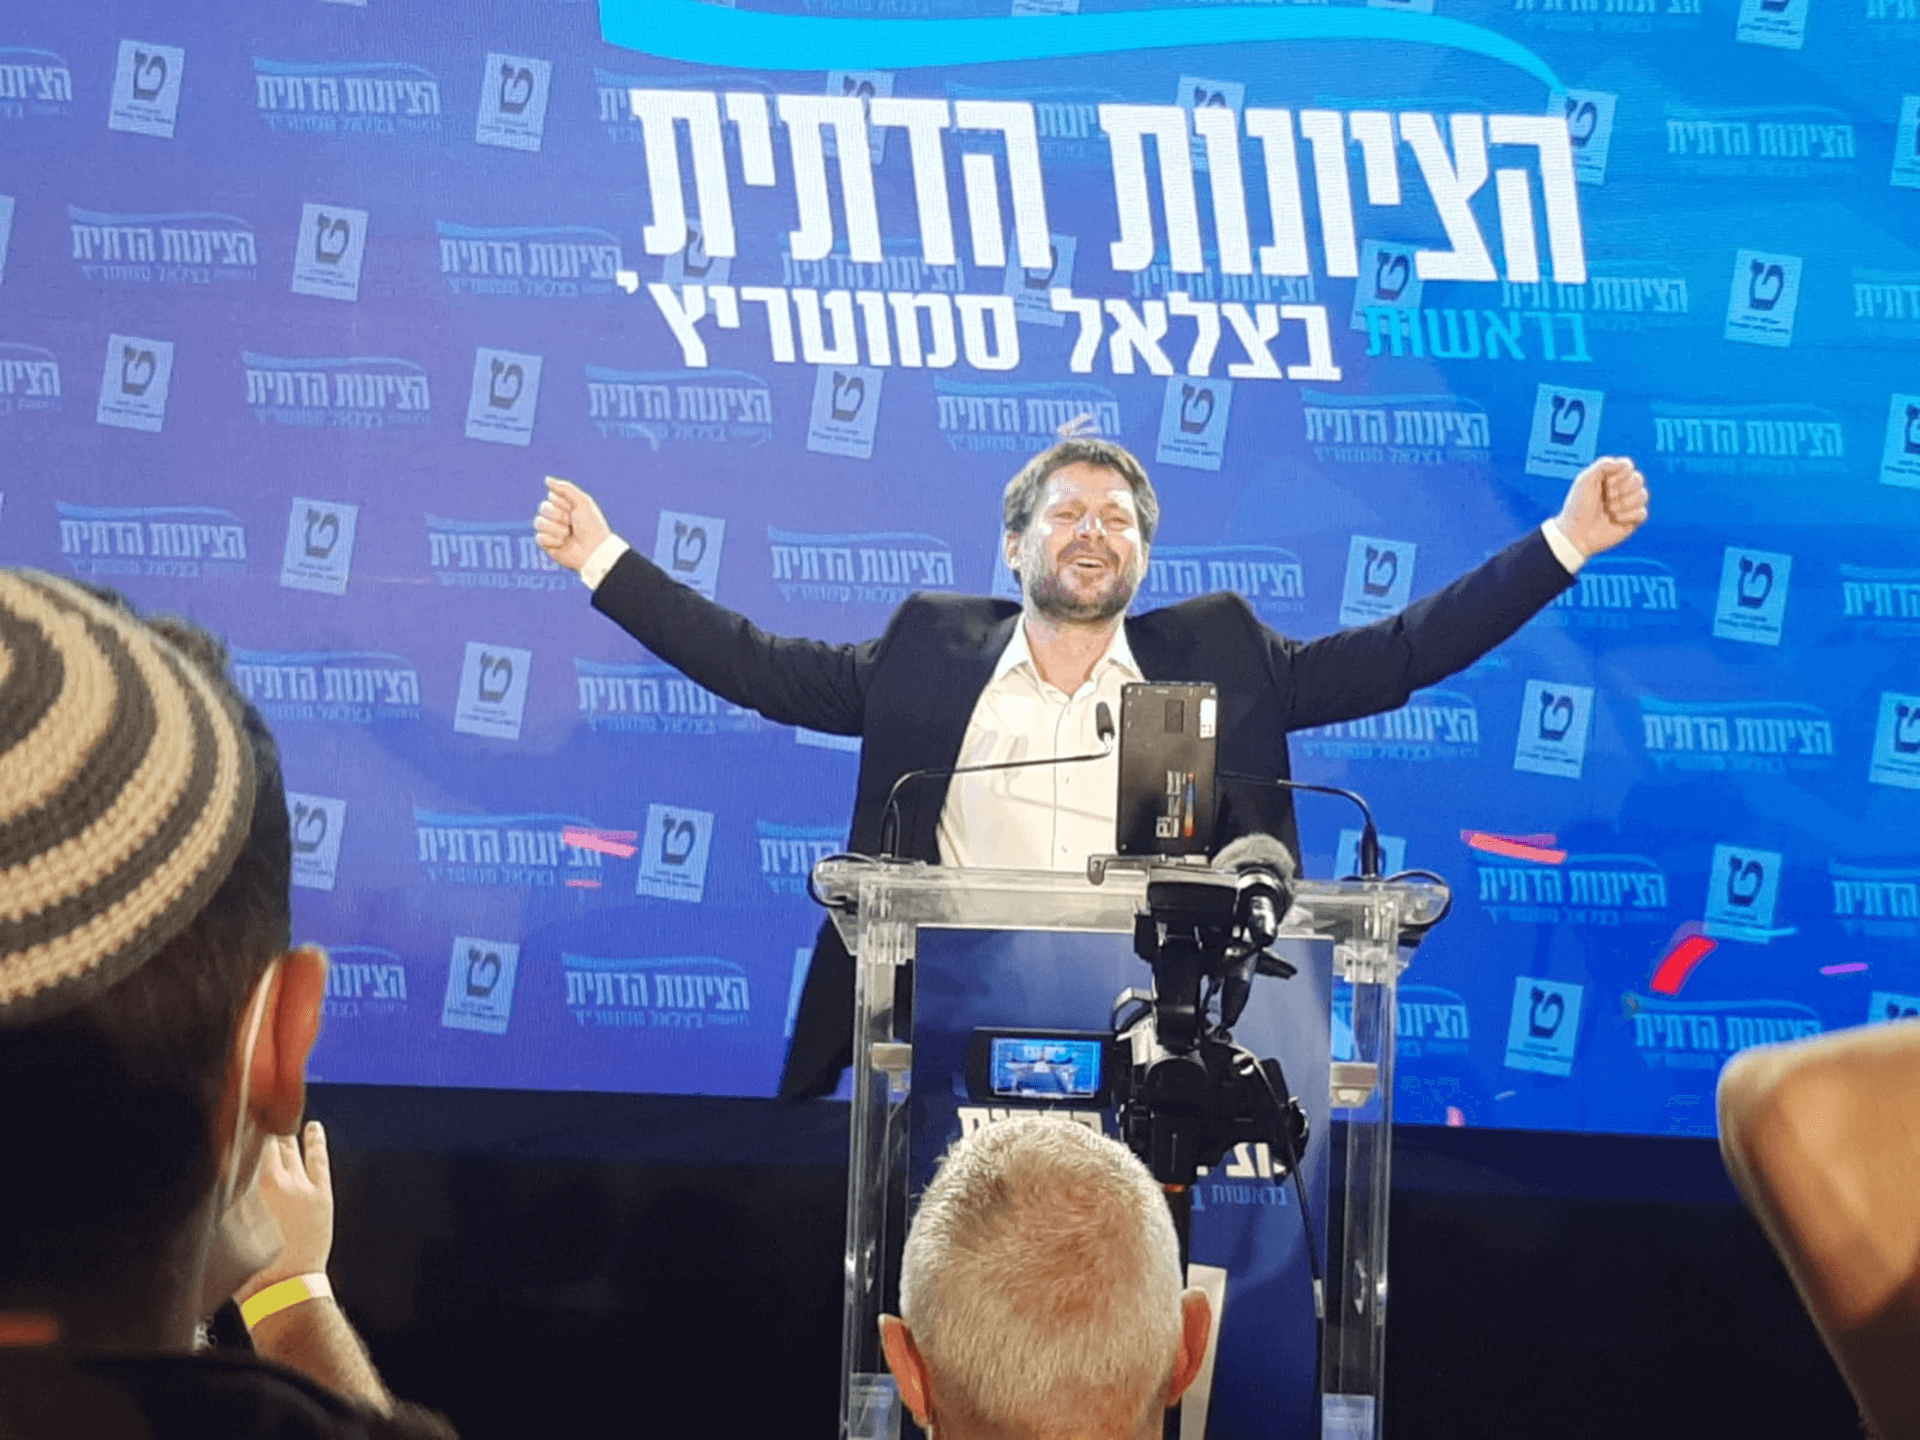 """בצלאל סמוטריץ', יו""""ר הציונות הדתית, חוגג בליל הבחירות. צילום מתוך ויקיפדיה"""